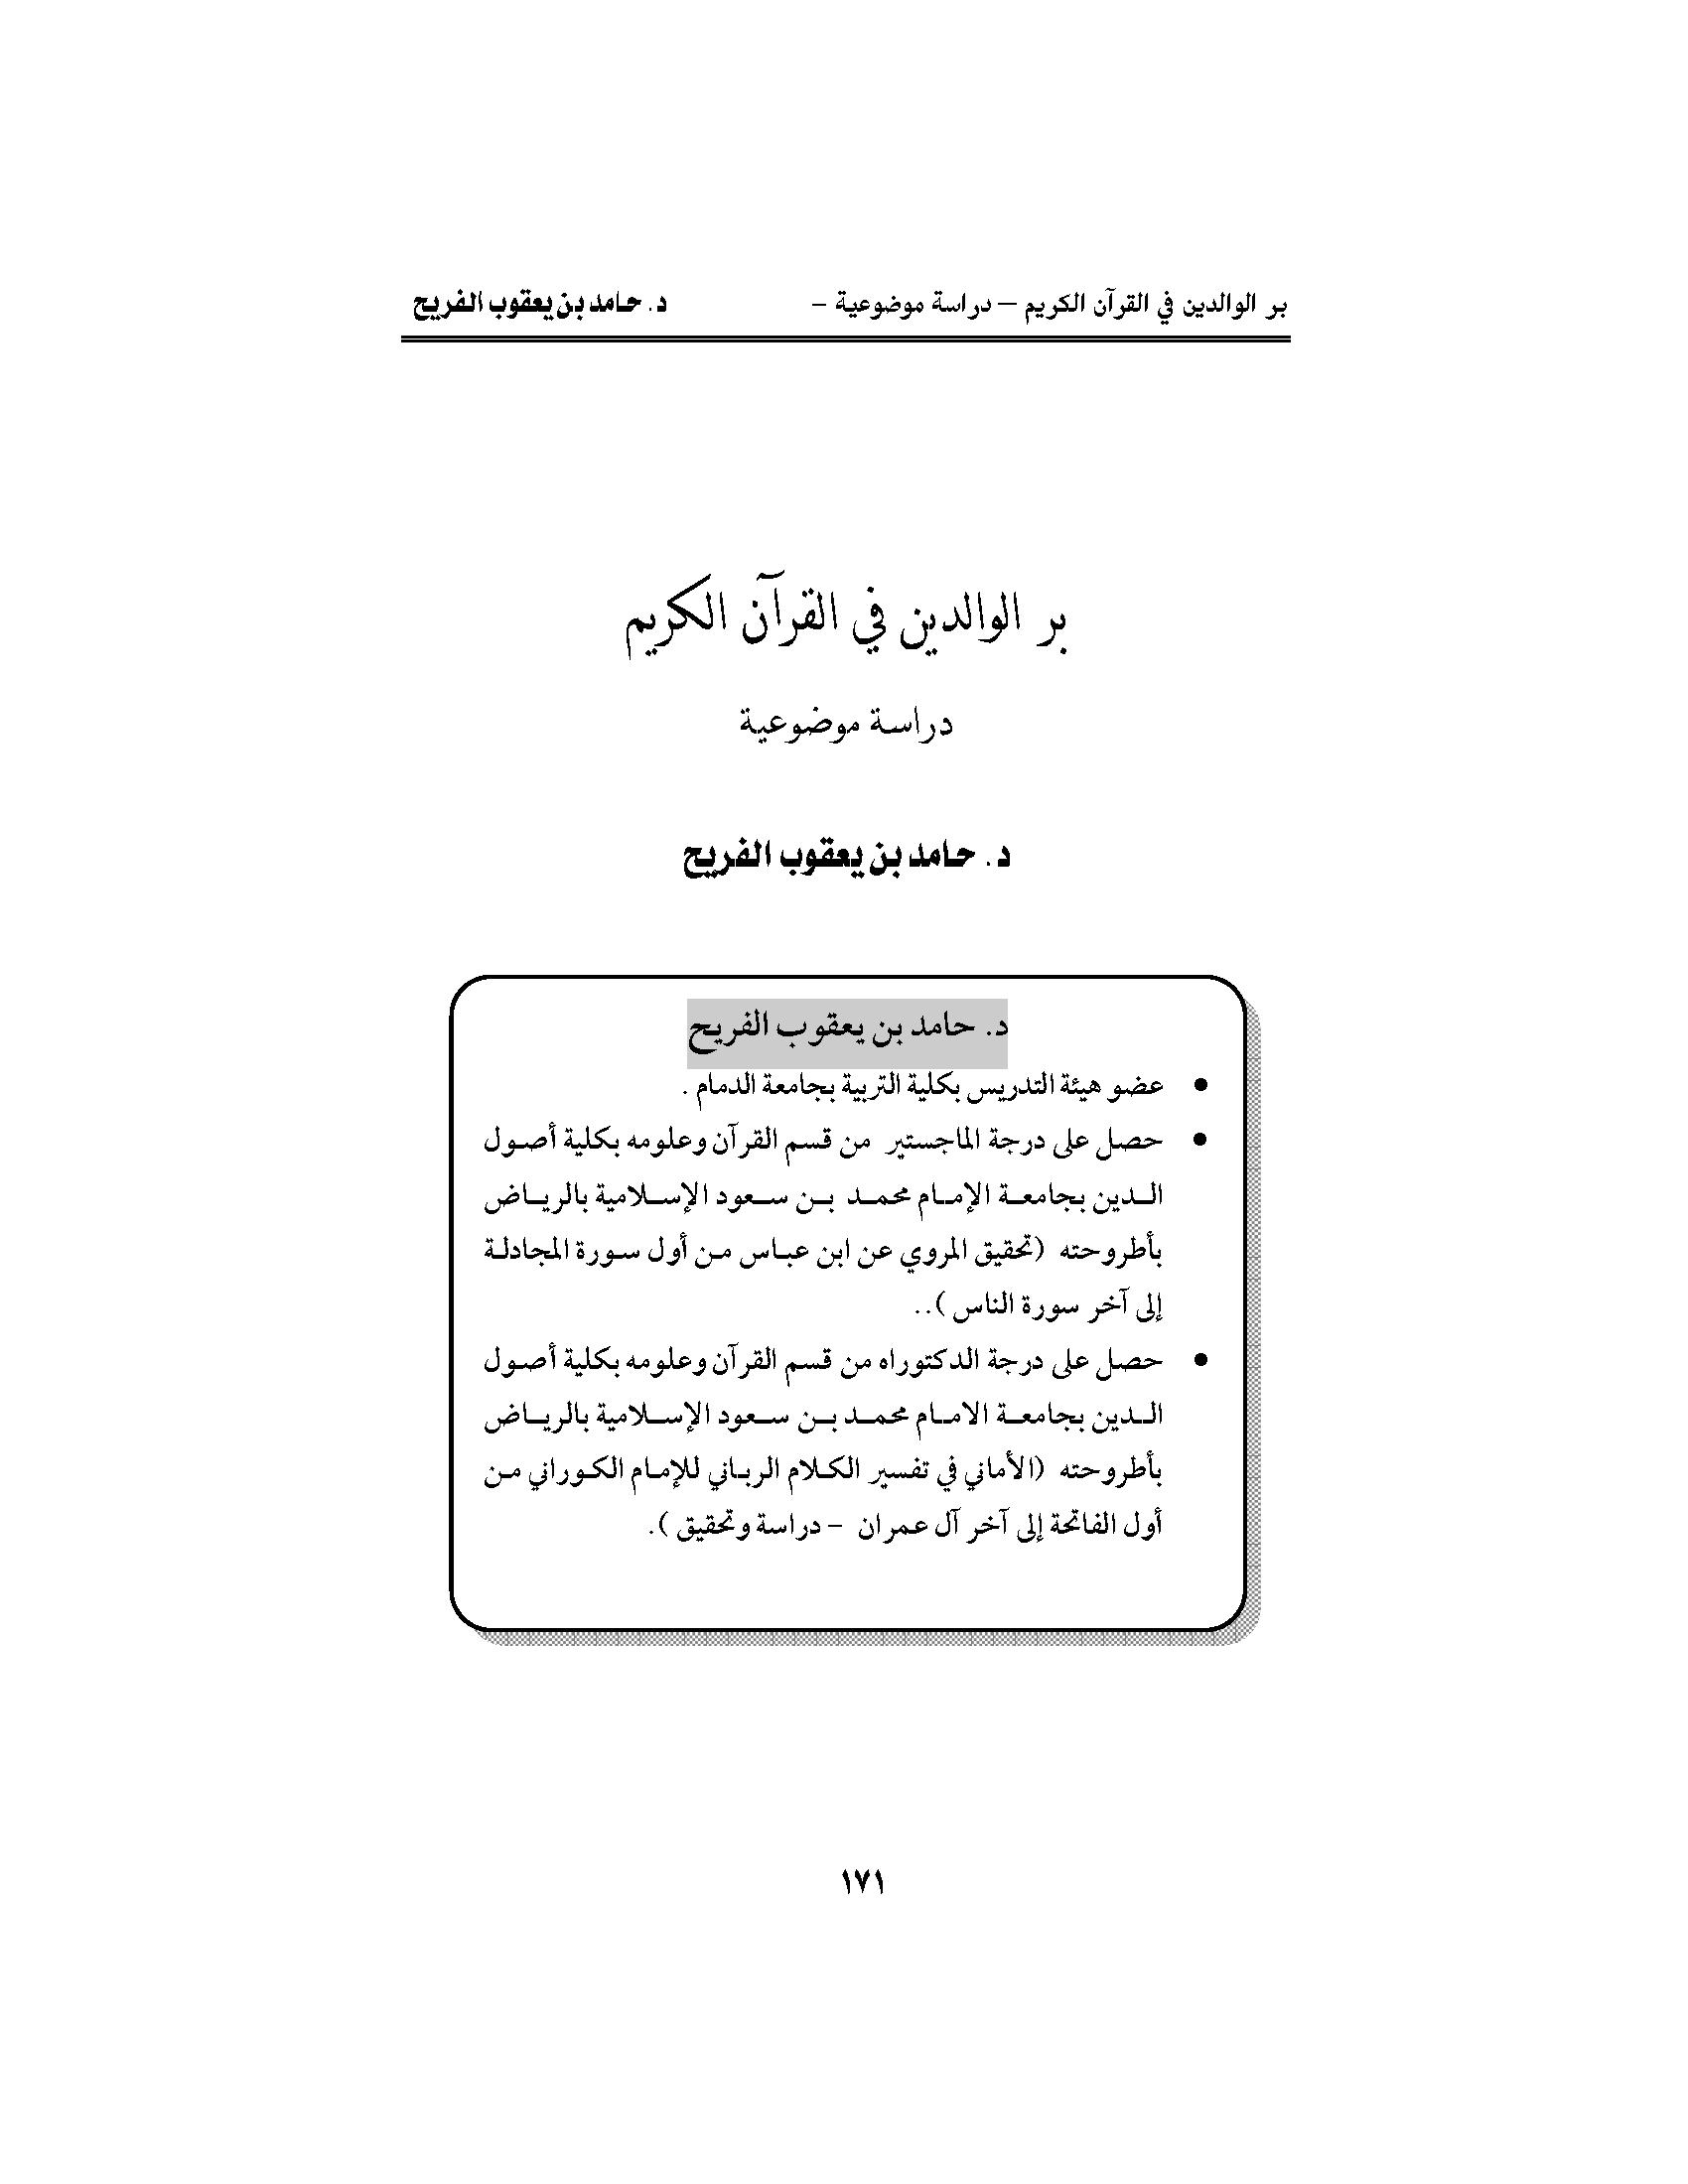 تحميل كتاب بر الوالدين في القرآن الكريم (دراسة موضوعية) لـِ: الدكتور حامد بن يعقوب بن يوسف الفريح